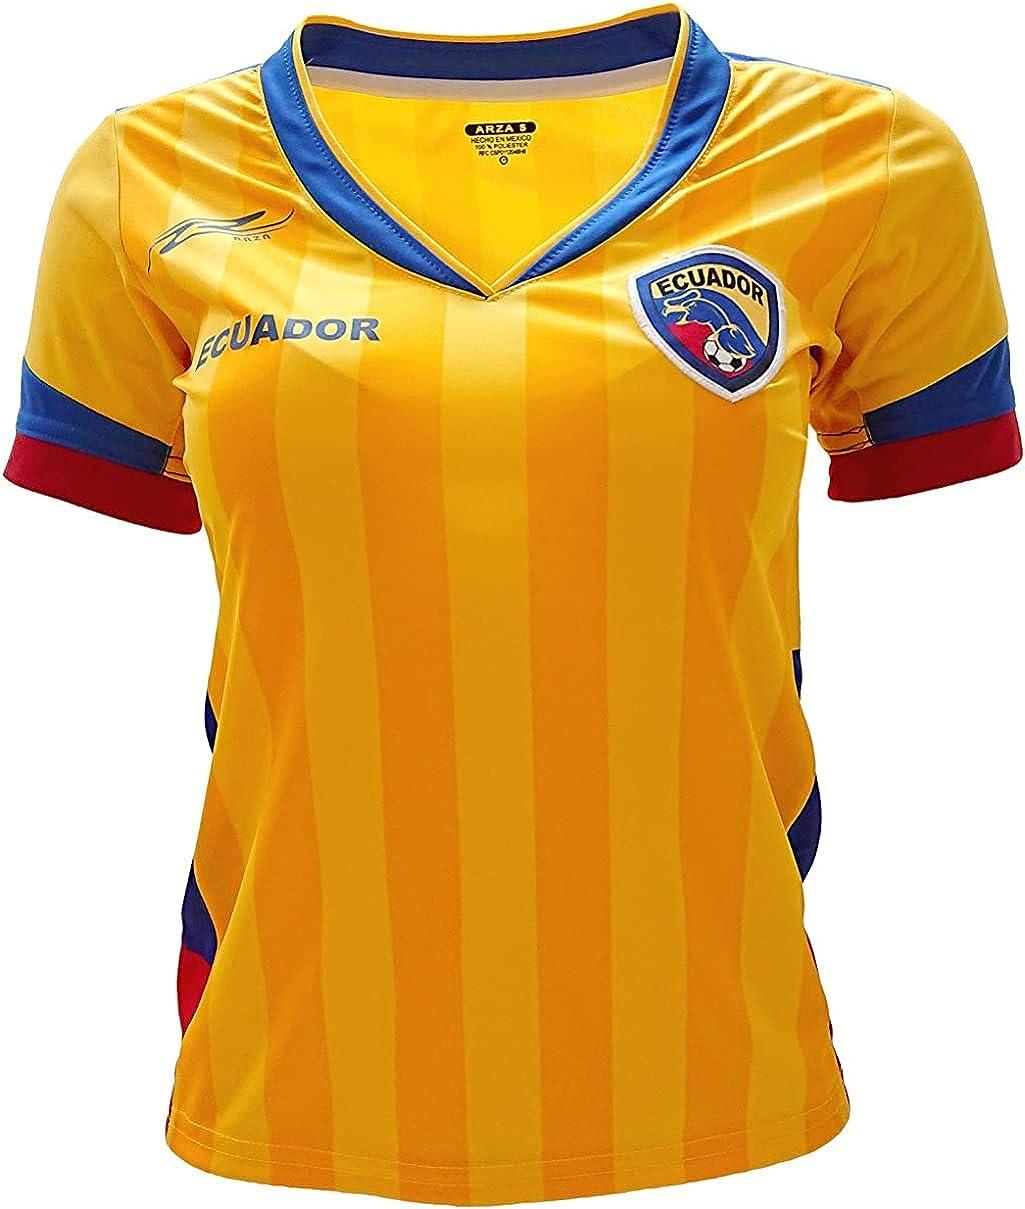 Ecuador New Arza Women Jersey Yellow 100% Polyester: Clothing